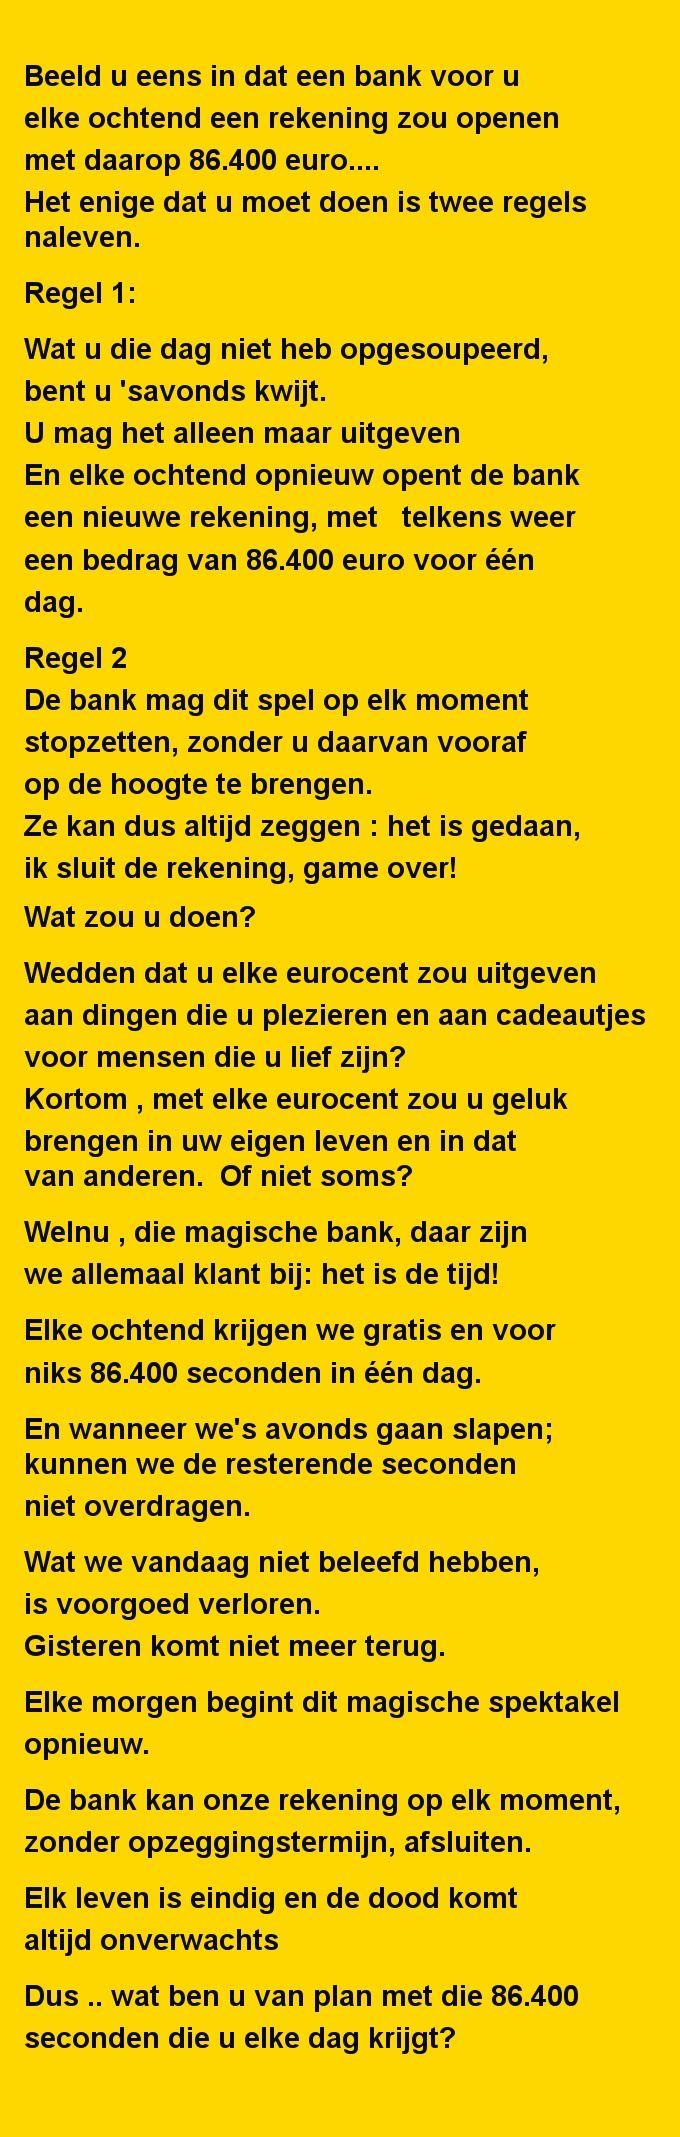 Beeld u eens - Zieer.nl